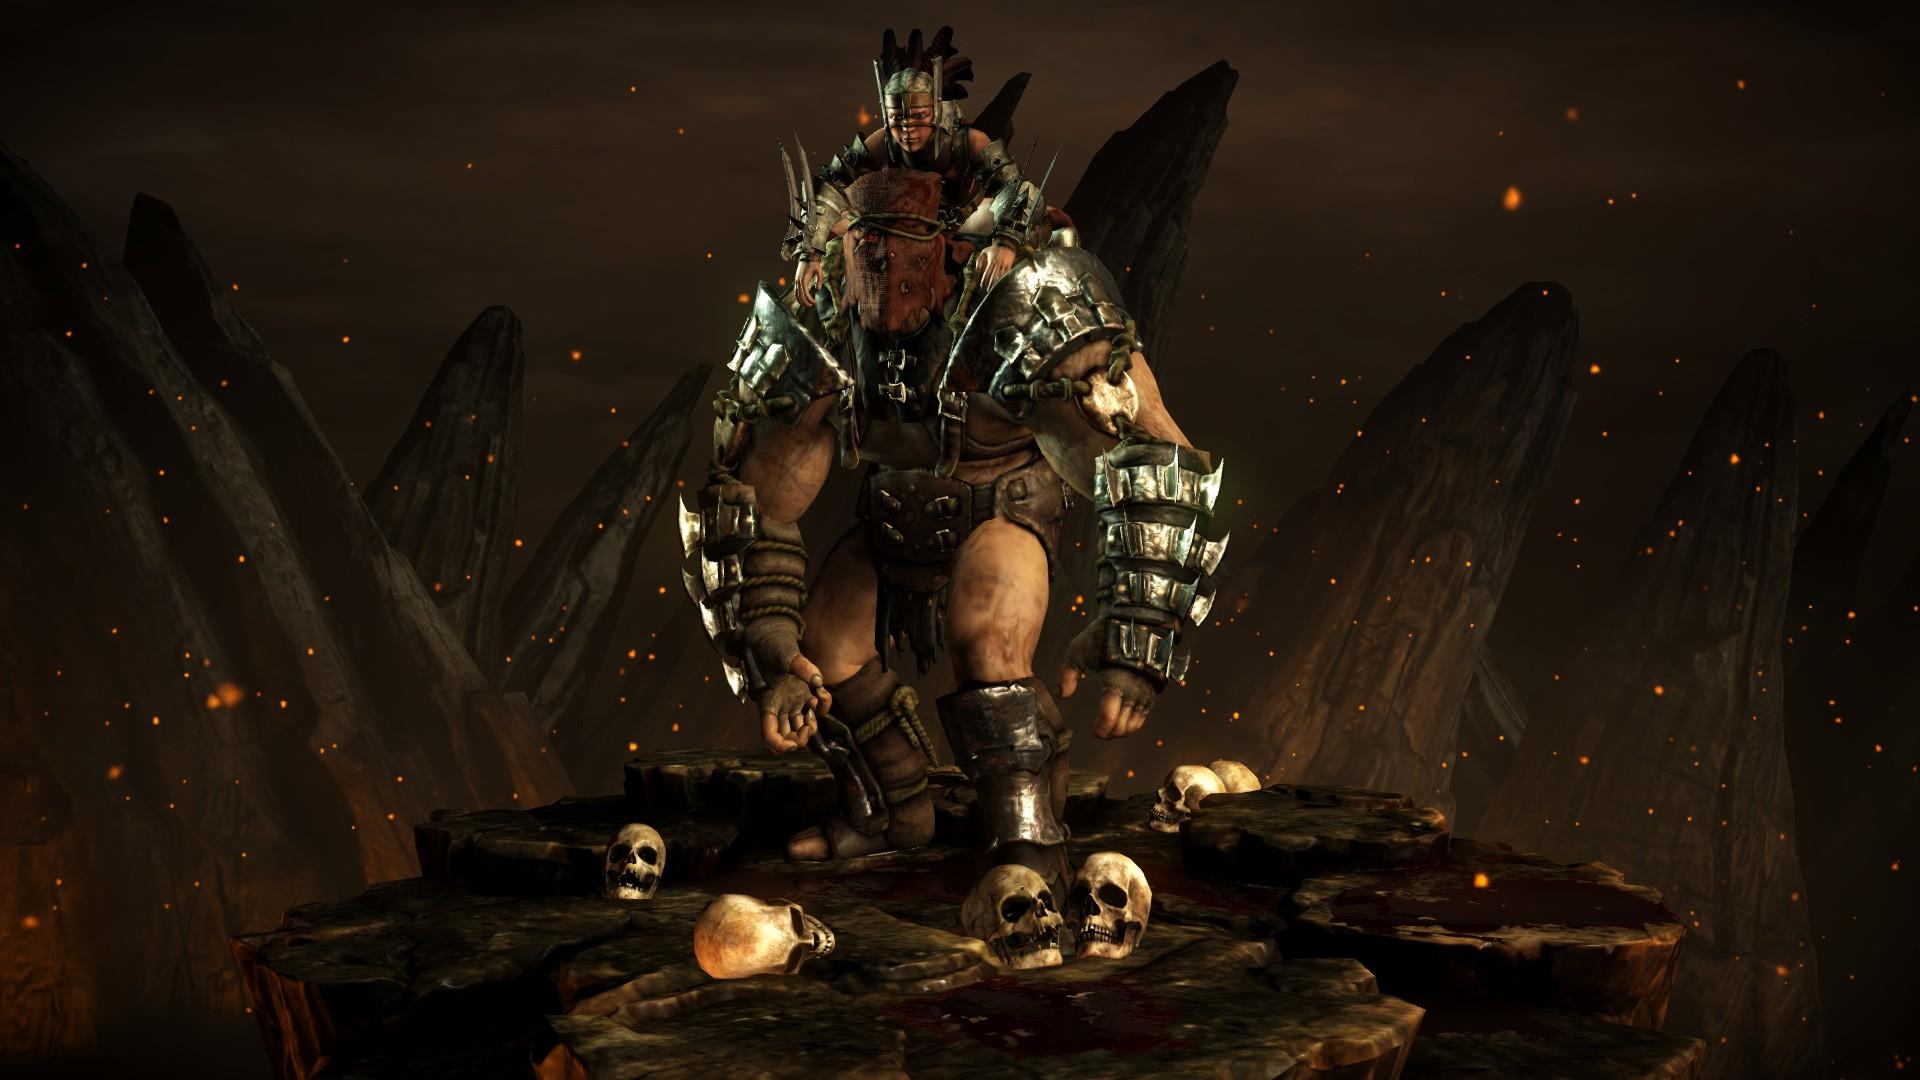 Ферра/Торр (Стиль: Злоба) - Mortal Kombat X